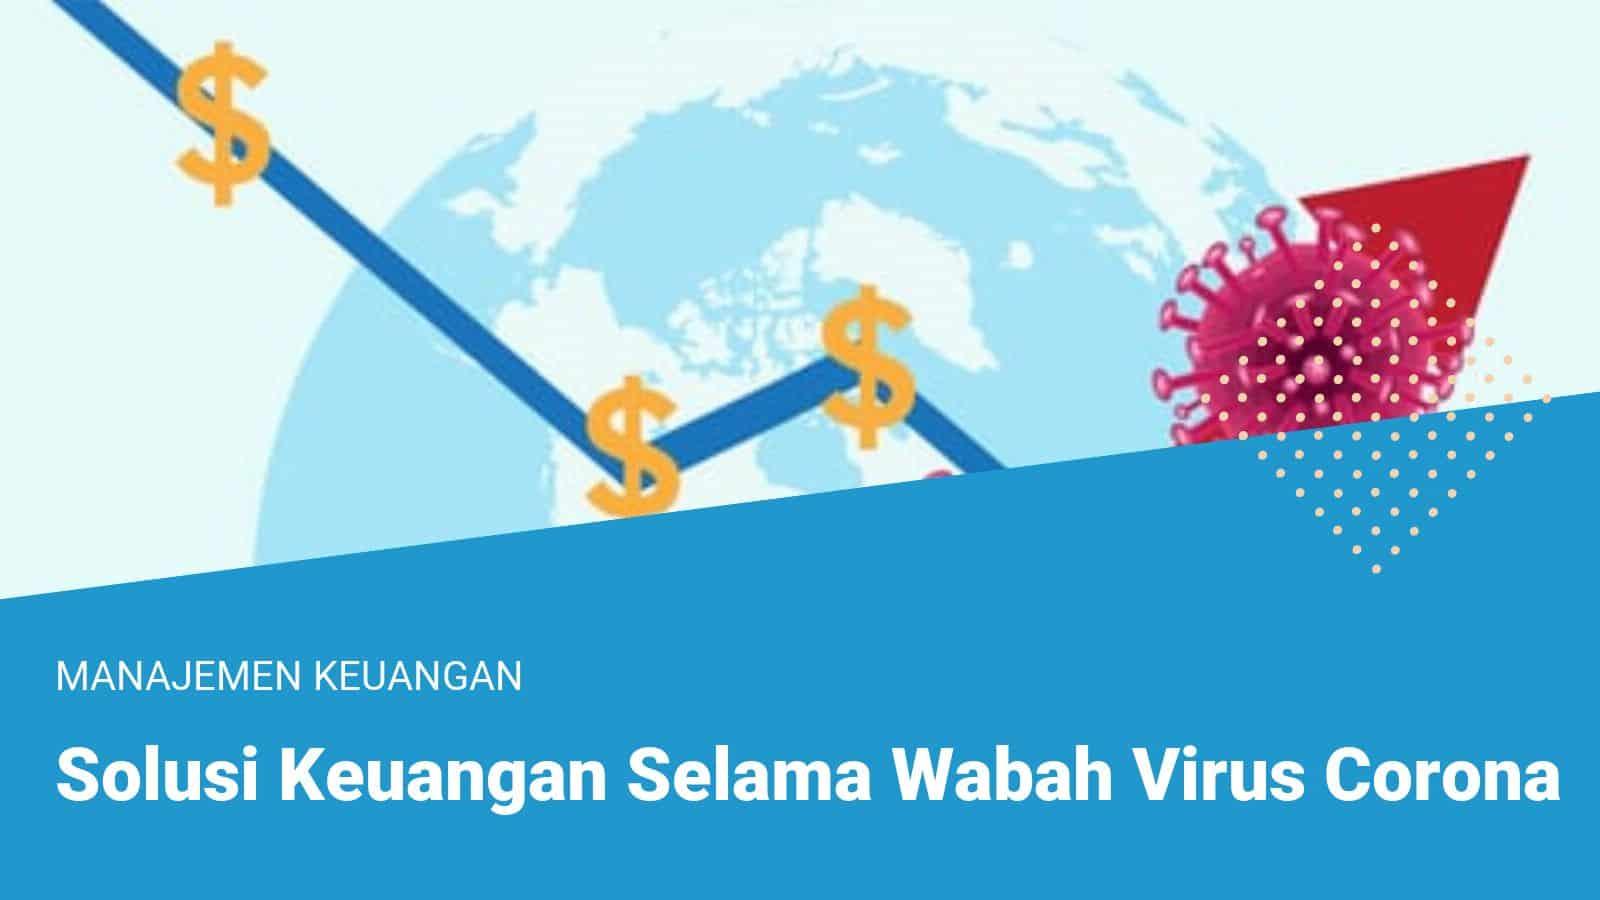 Solusi Keuangan Selama Wabah Virus Corona